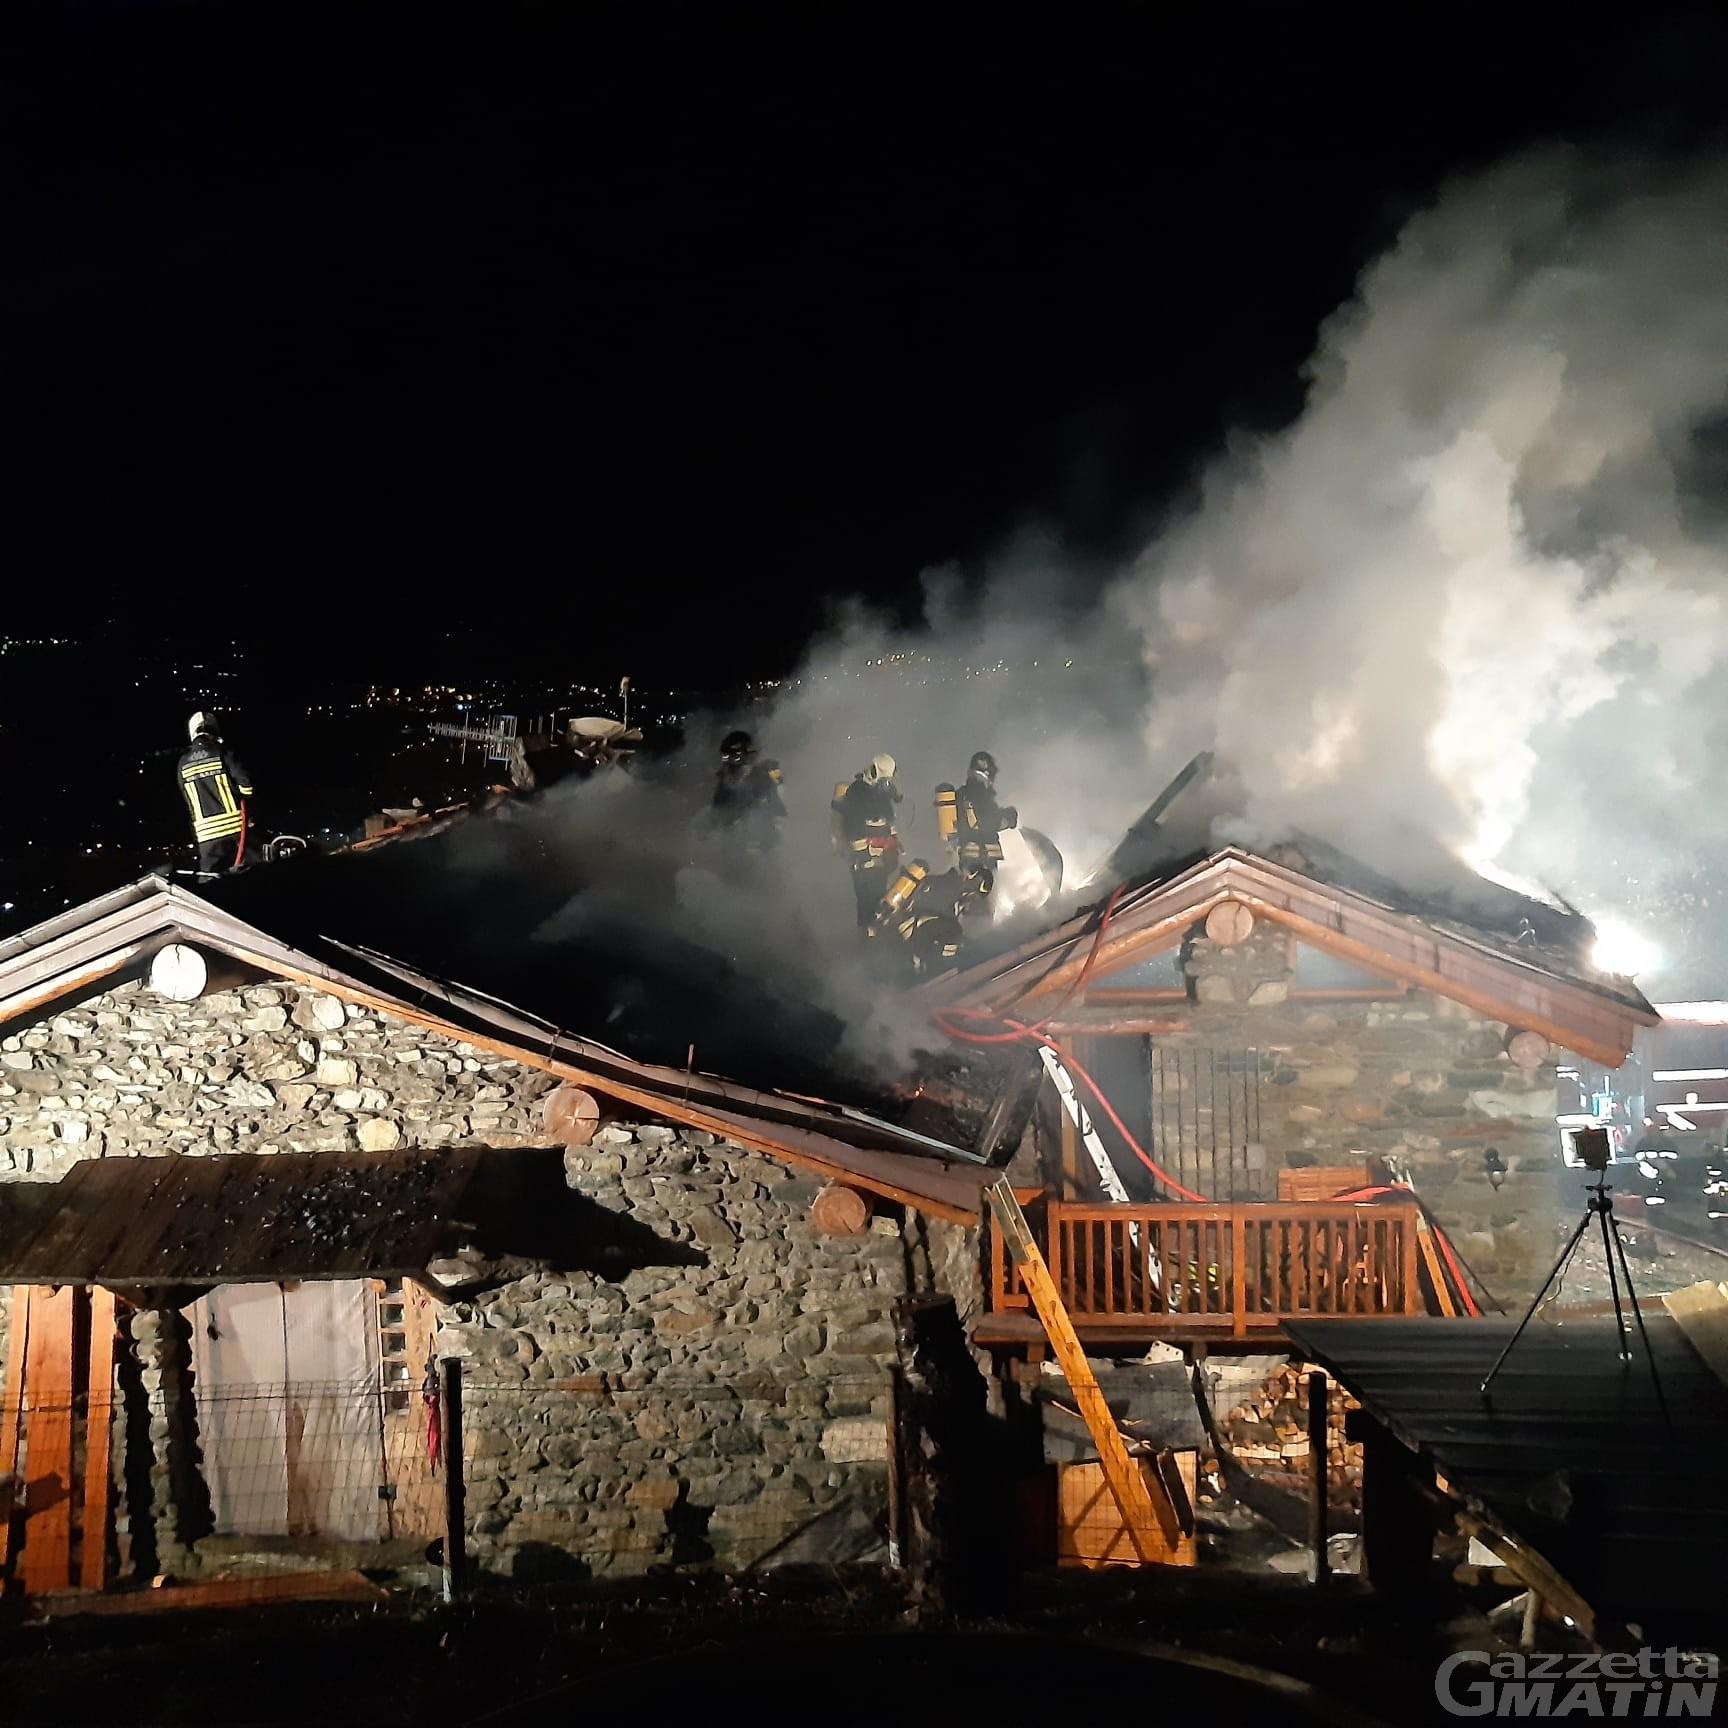 Brissogne, casa in fiamme: 32 vigili del fuoco lavorano 8 ore per domare il rogo